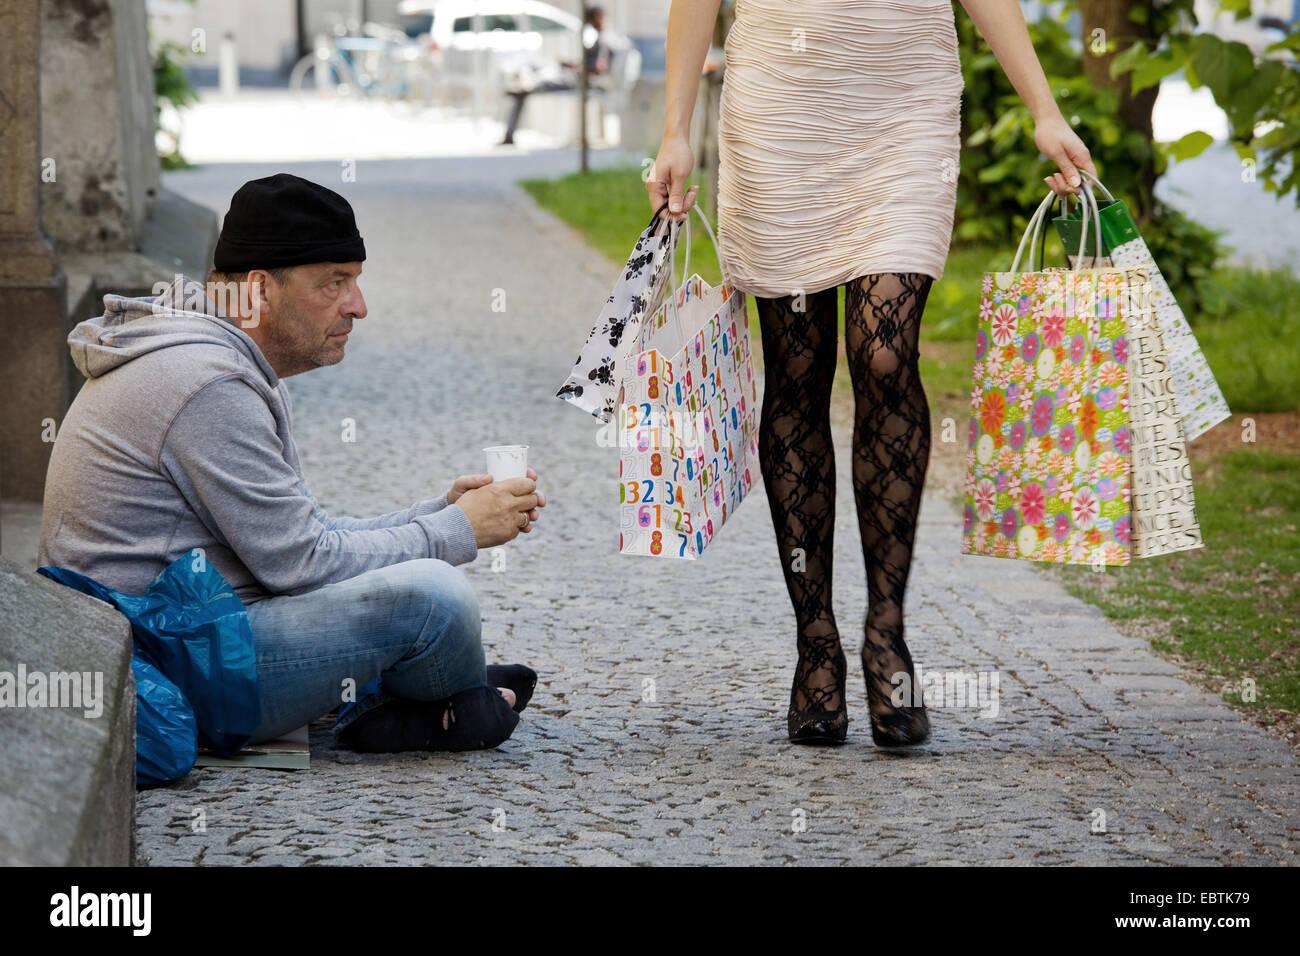 Chômeurs mendiants vivant dans la rue, riches young woman with shopping bags passant de la NHI, Allemagne Photo Stock